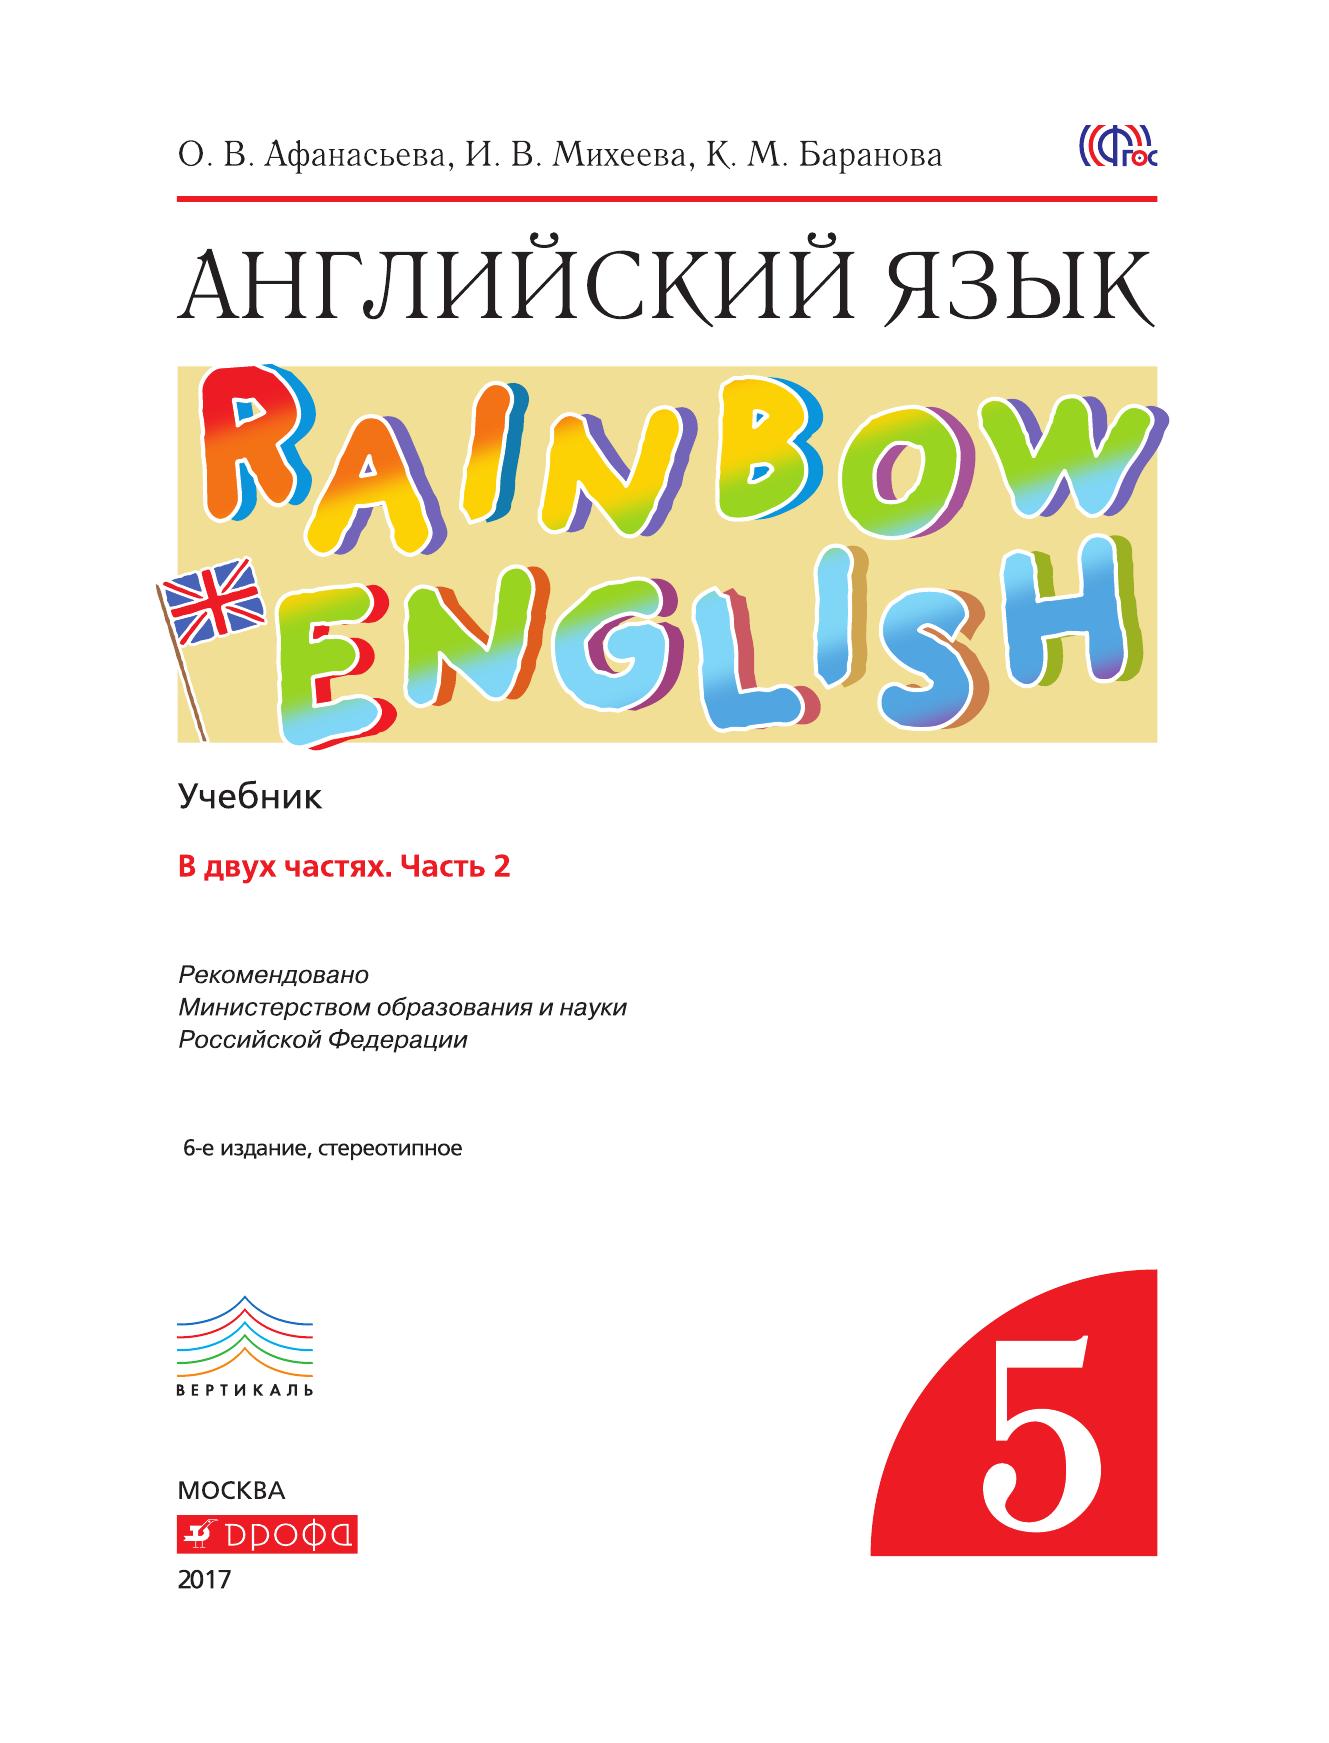 Решебник По Английскому Языку Пятый Класс Афанасьева Михеева Баранова